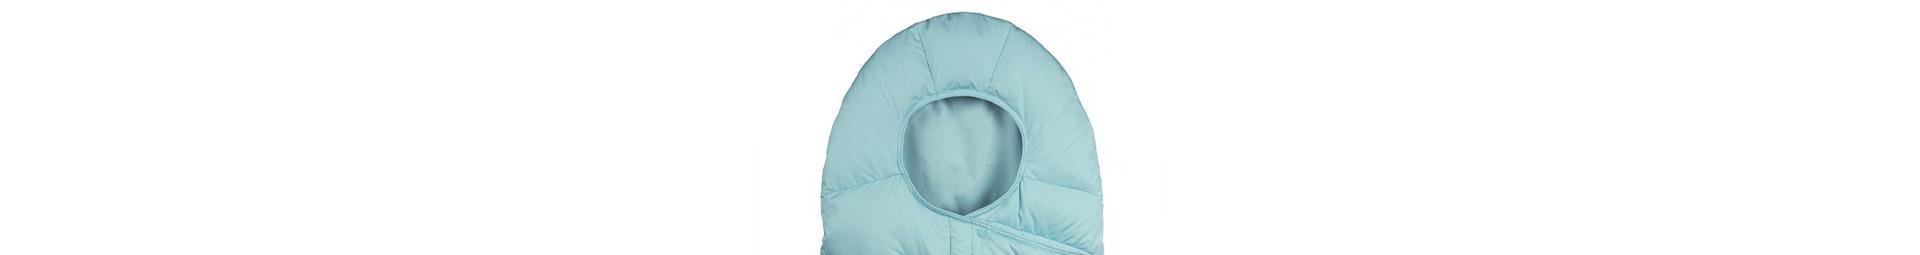 Pyrenex vêtements hiver bébé protégeant du froid hivernal